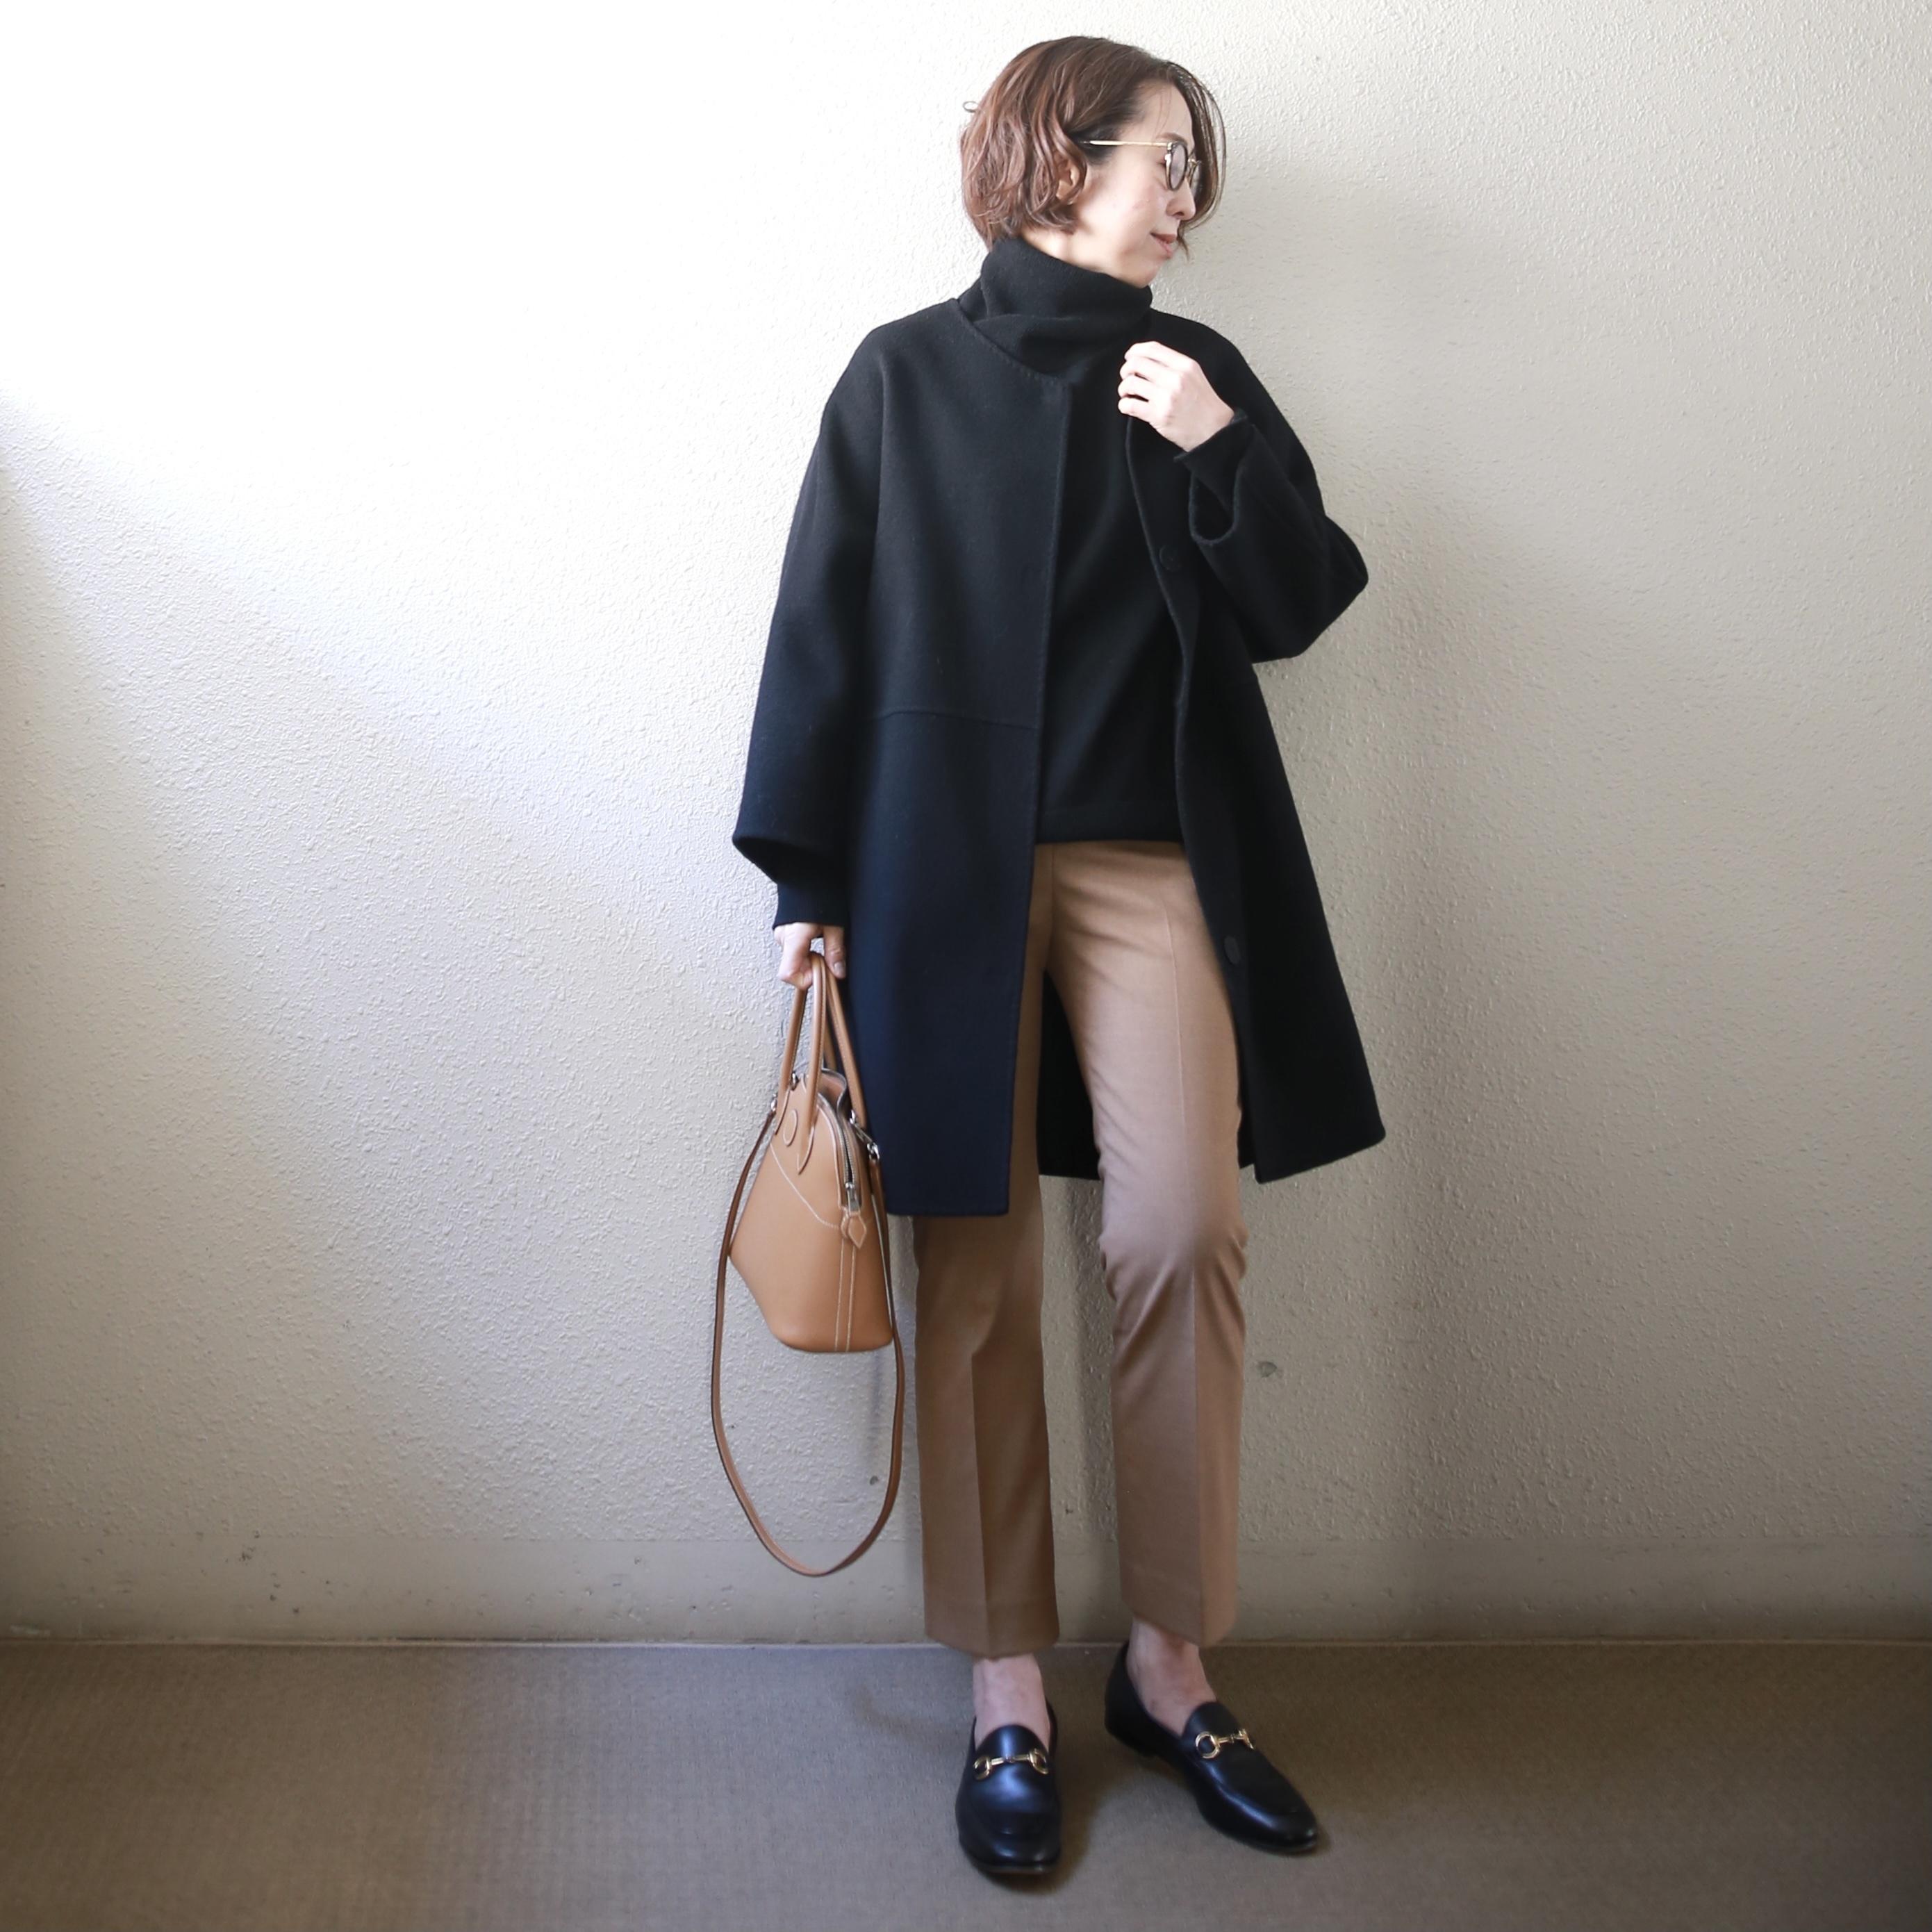 防寒しながら、おしゃれも楽しむ!2月の寒さを乗り切るコーデの秘訣まとめ|40代ファッション_1_29